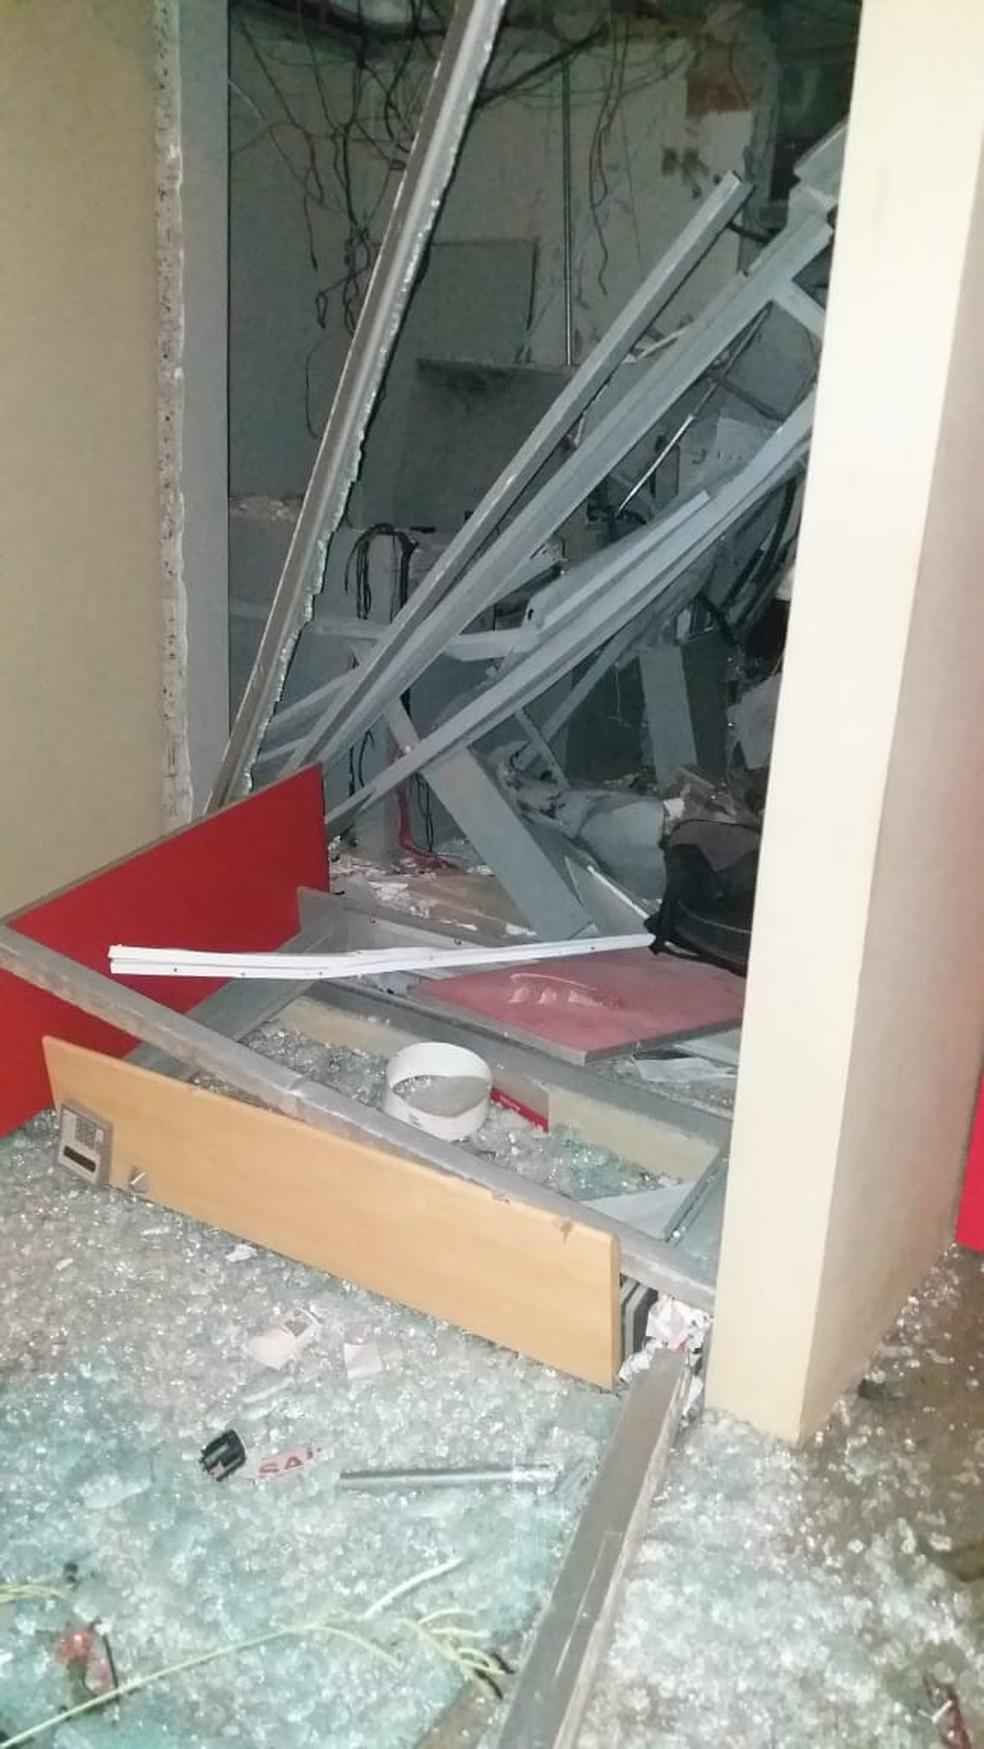 Suspeitos utilizaram dinamites para invadir agência bancária em Santa Maria da Serra — Foto: Redes sociais/Reprodução